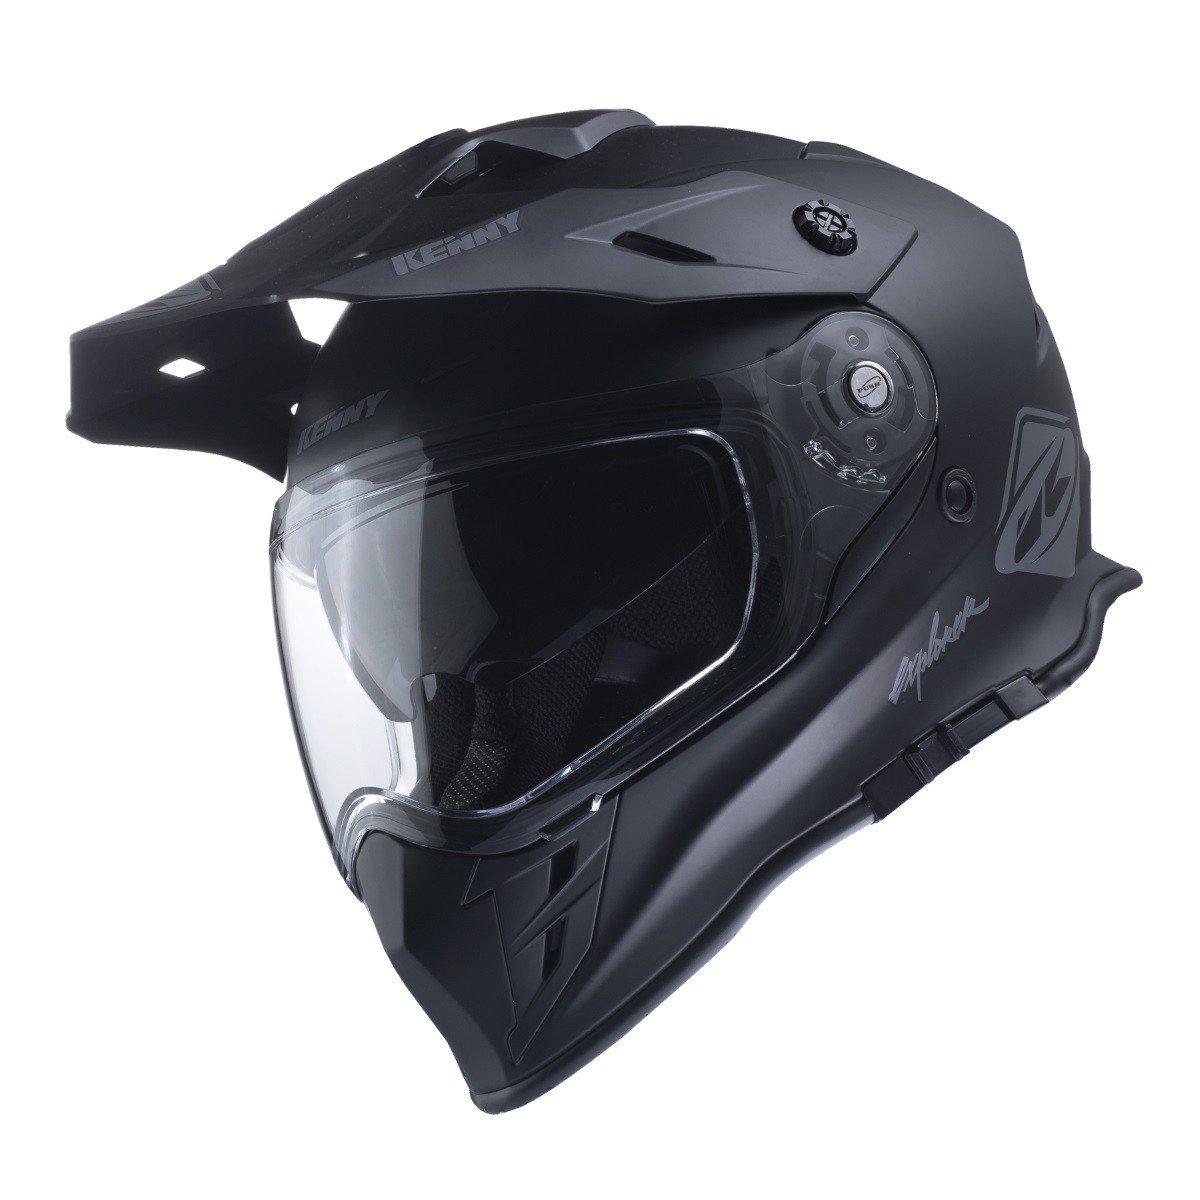 Motocyklová enduro přilba KENNY Explorer 17 (matně černá) XS (53/54)